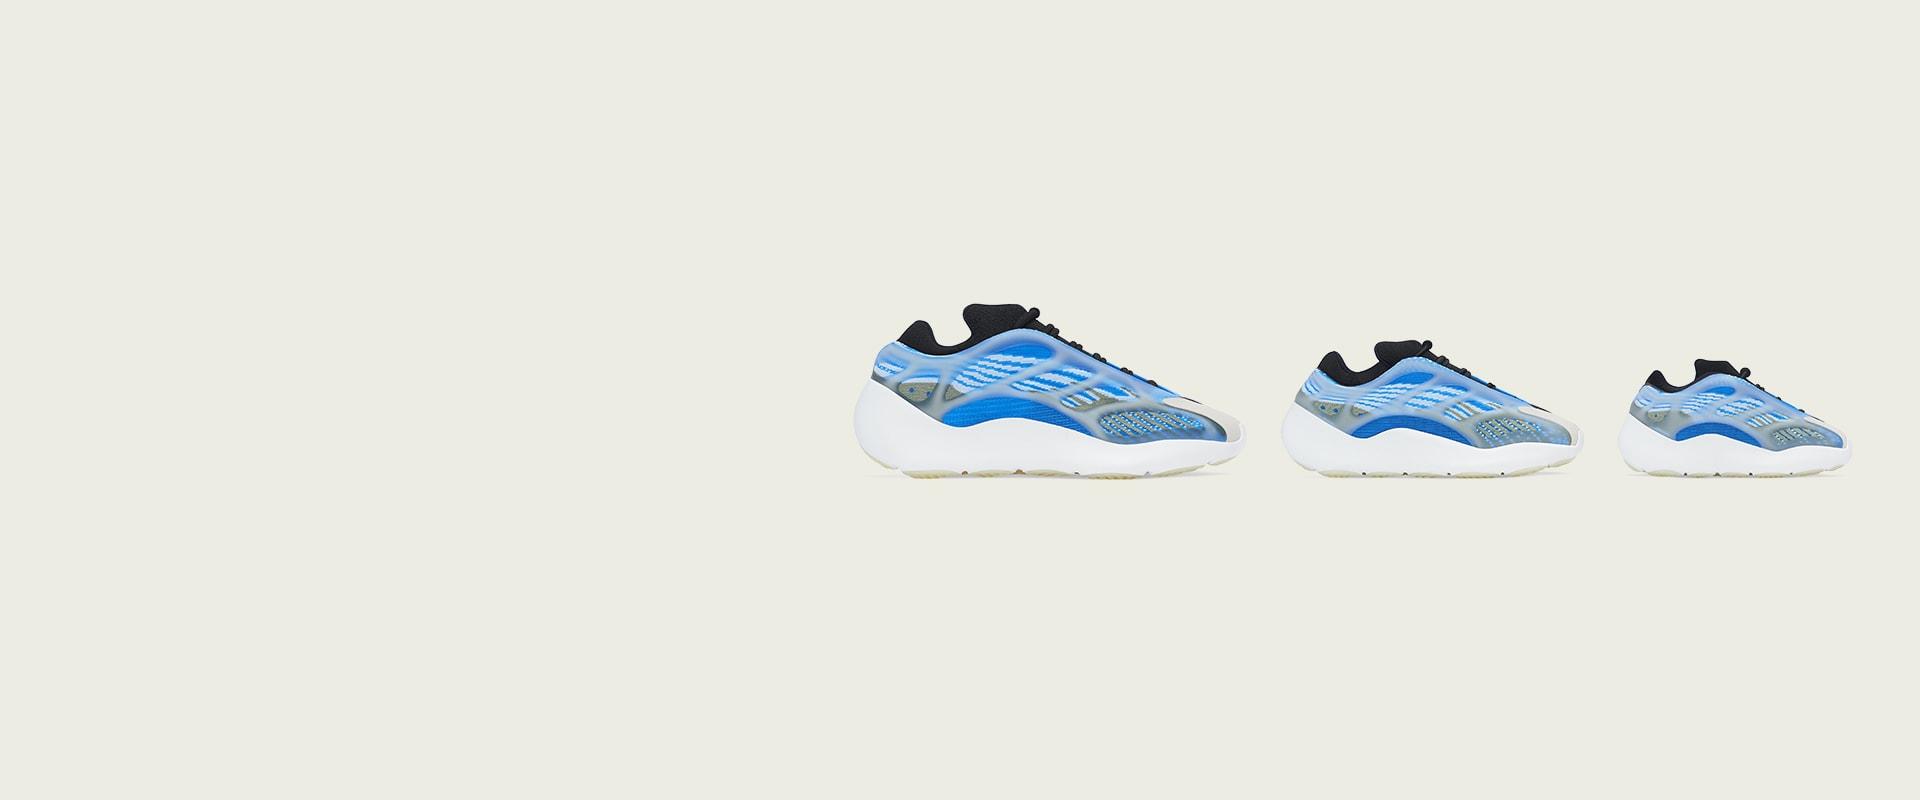 adidas sito ufficiale scarpe